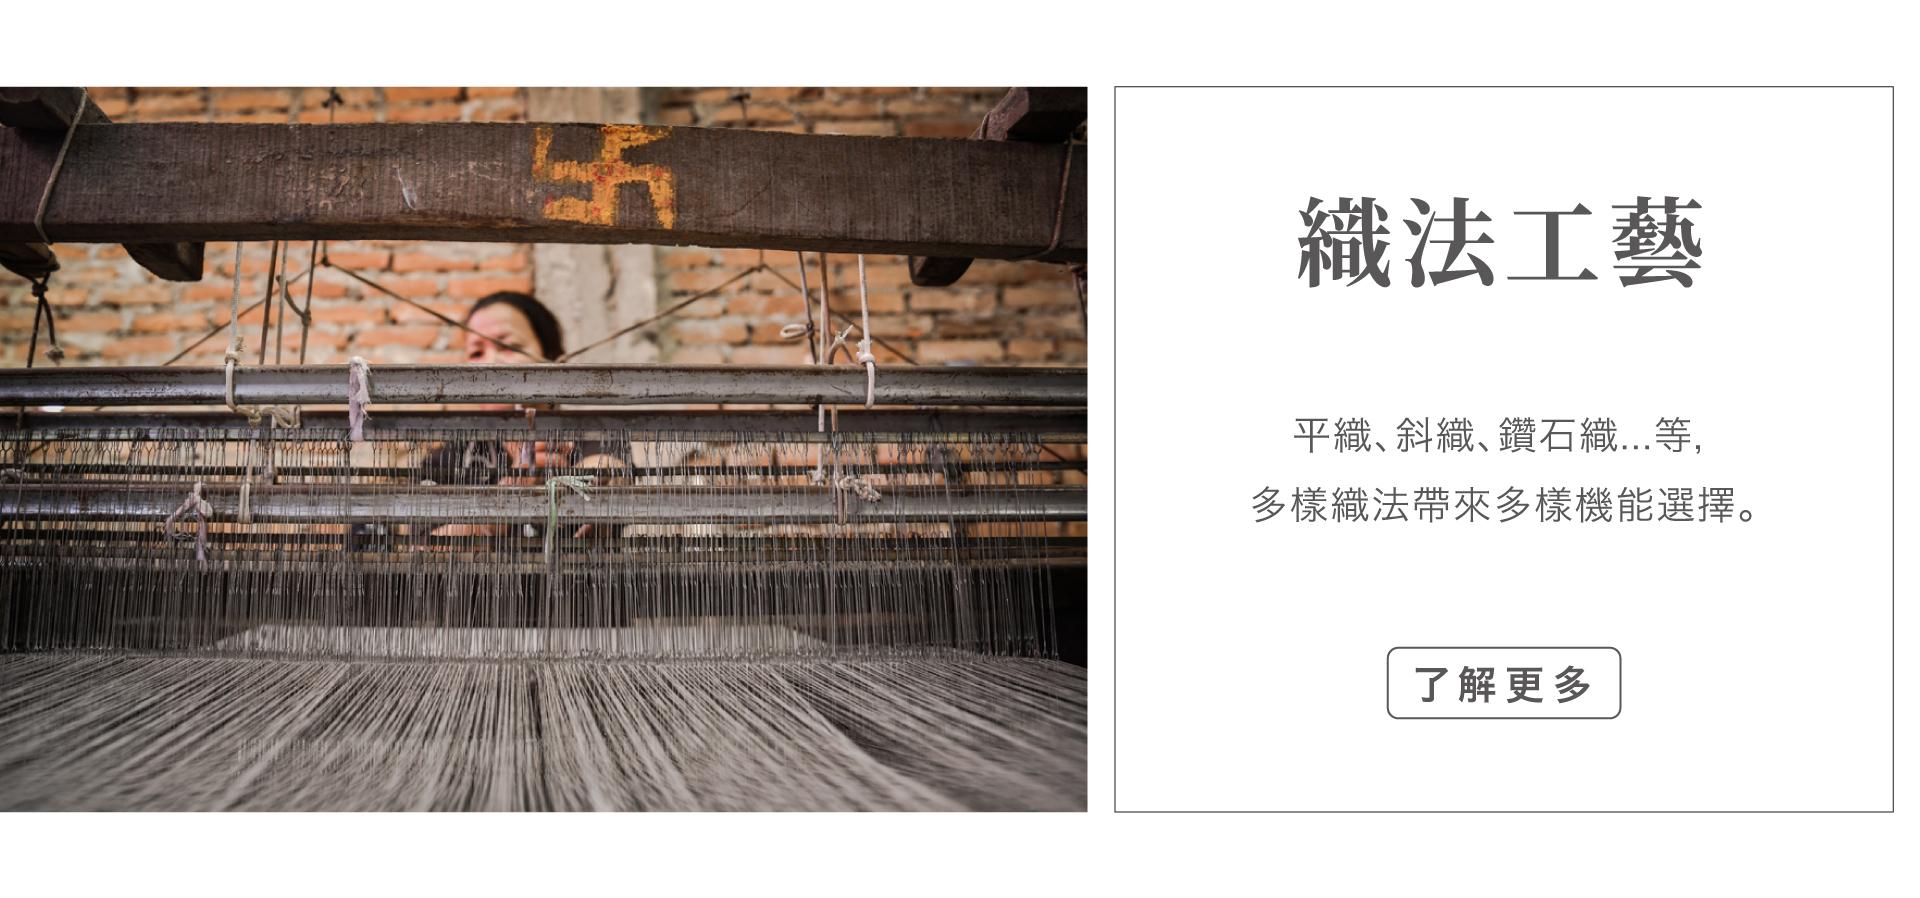 織法工藝,多樣織法帶來多樣機能選擇。